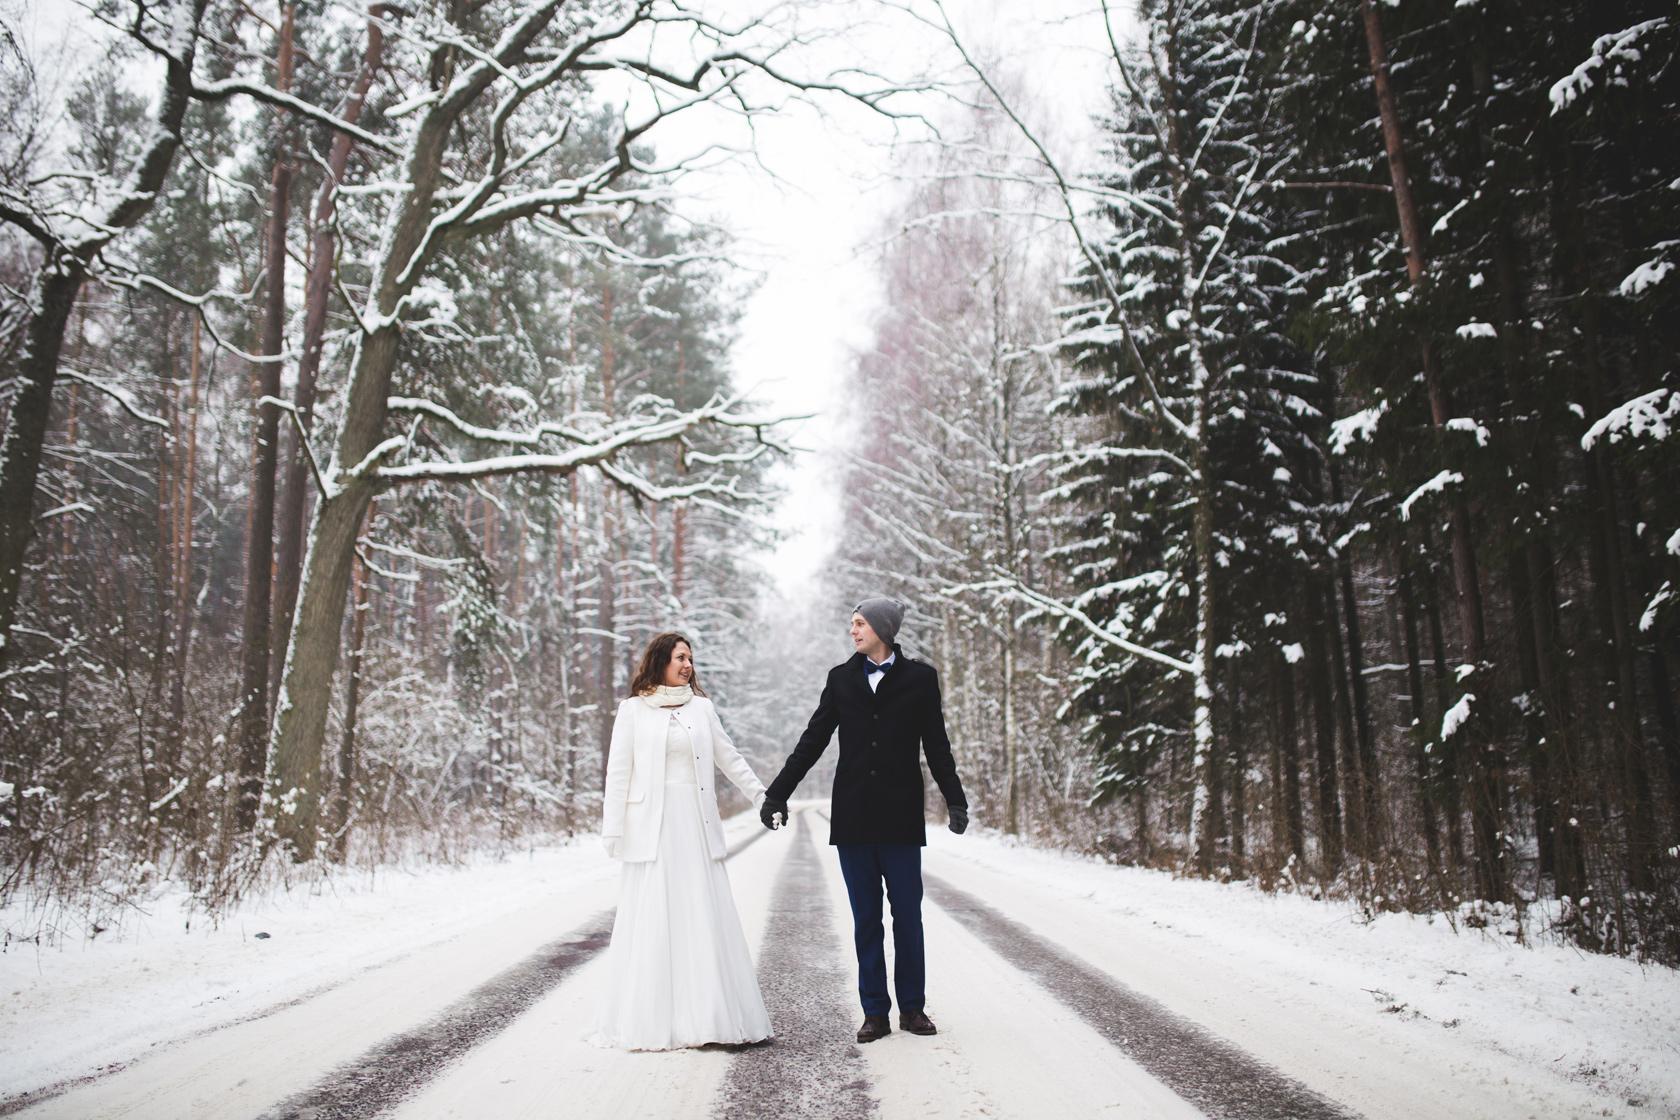 fotograf ślubny (1)